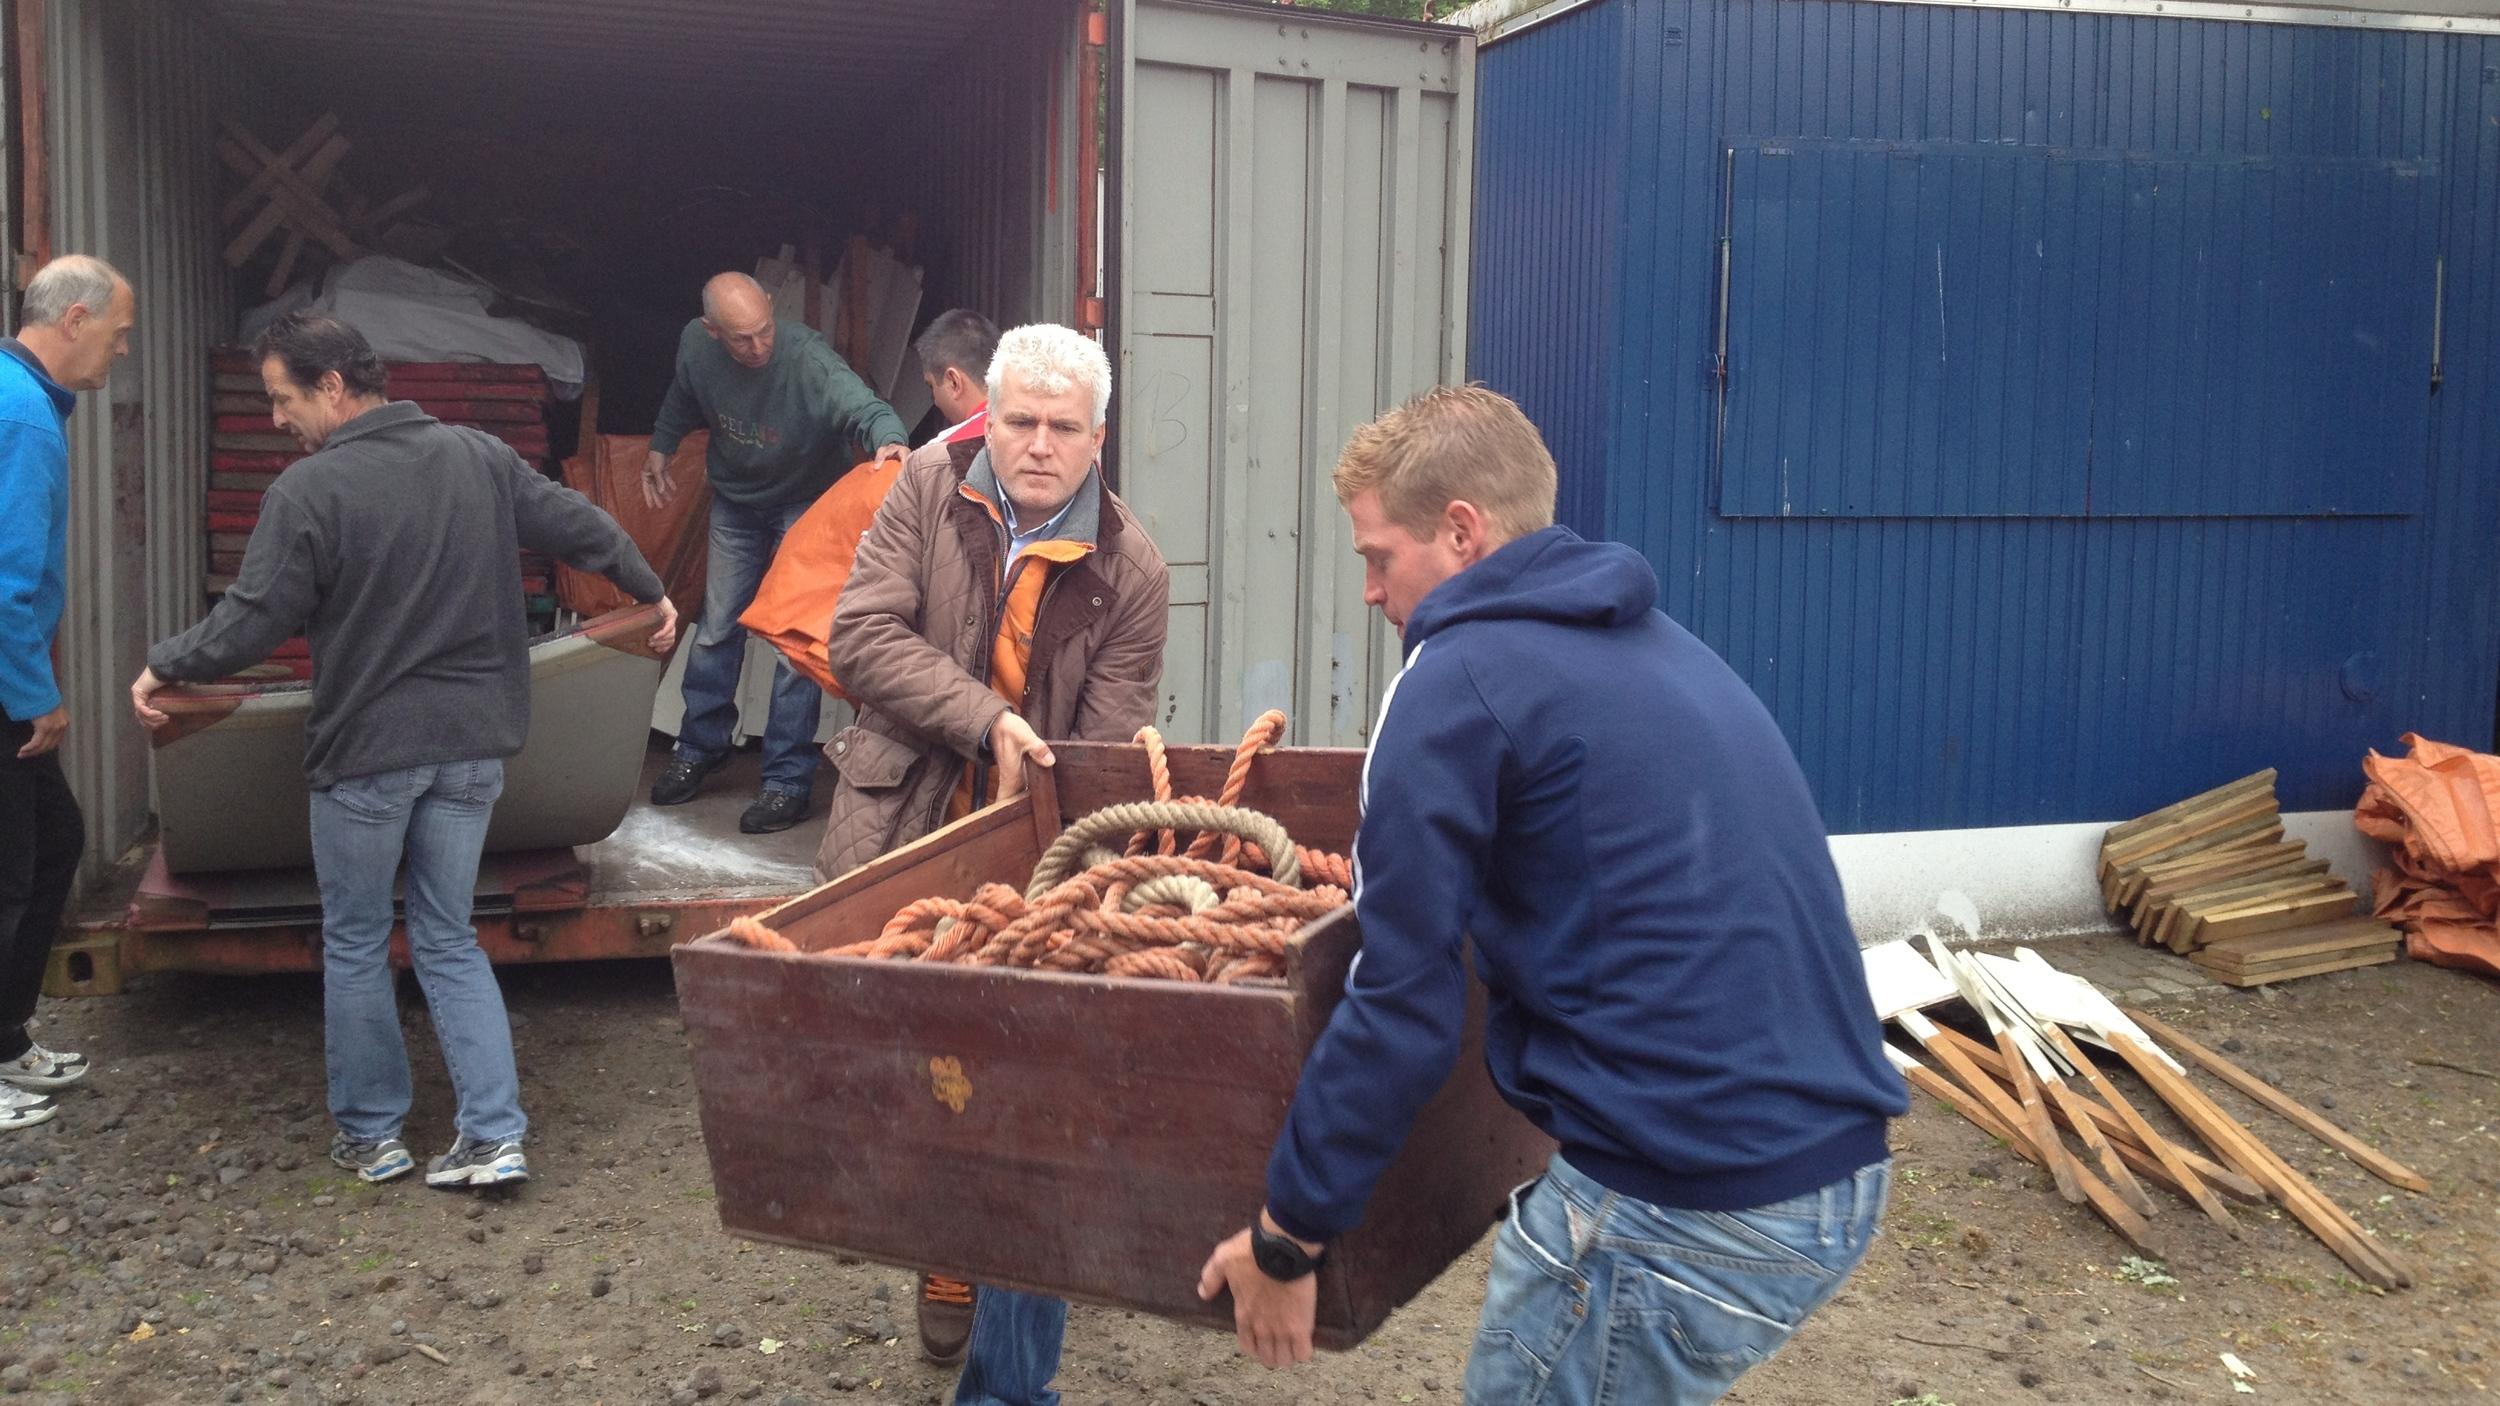 De voorbereiding; dagen van tevoren beginnen we met hulp van Timberland-vrijwilligers aan de opbouw.